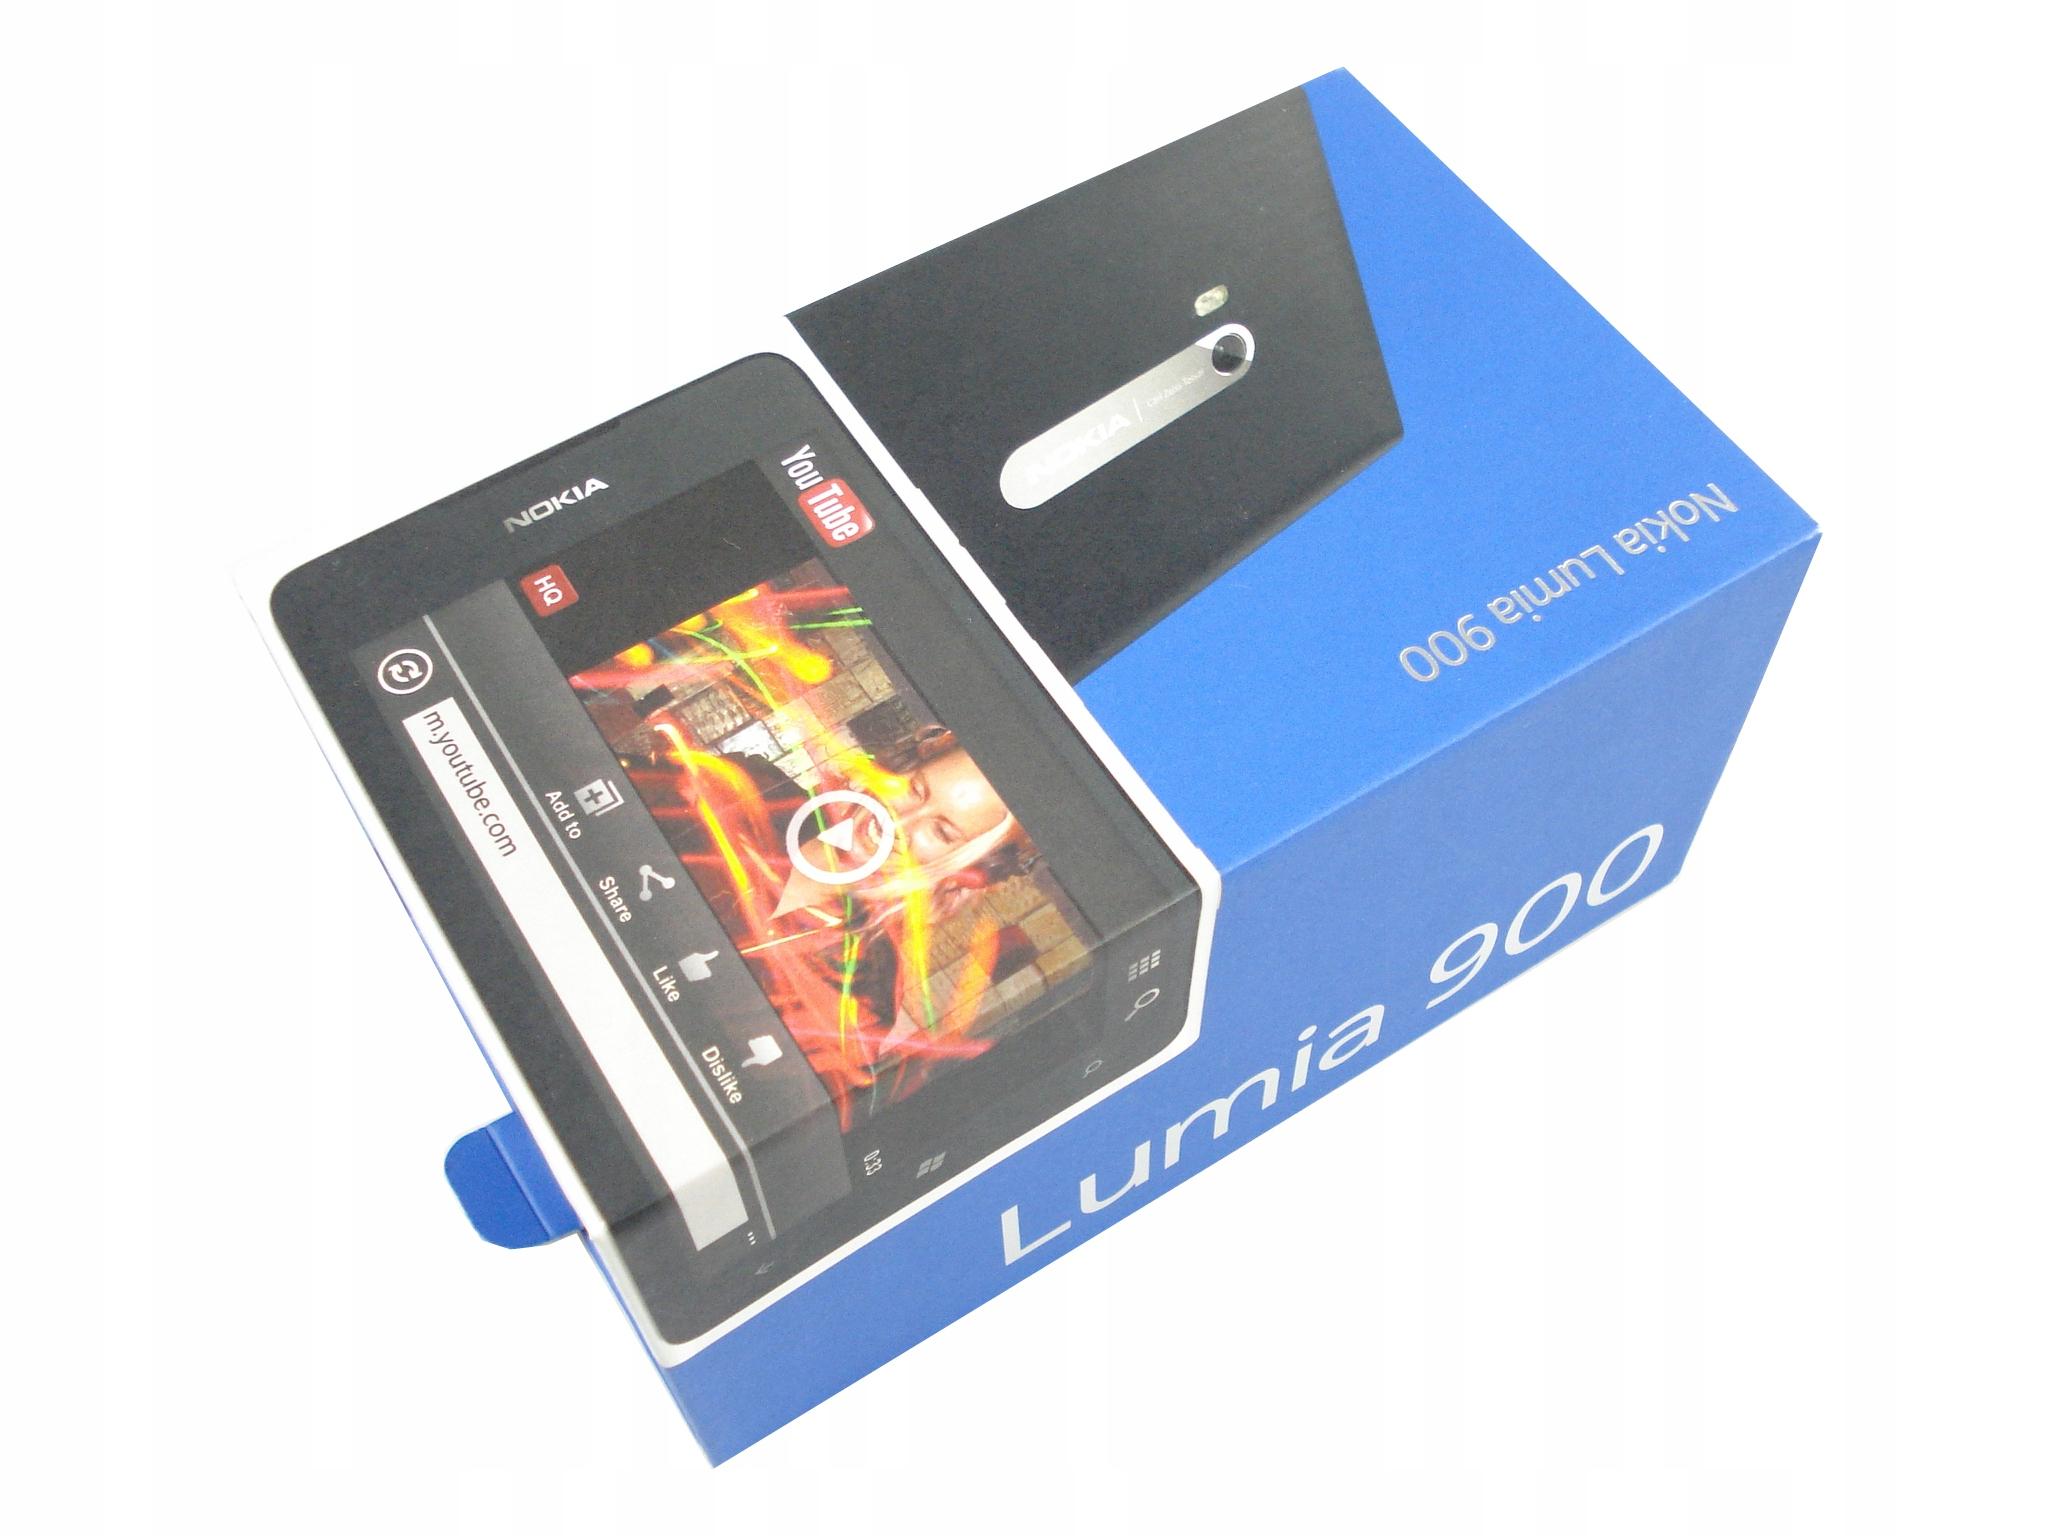 Polska Dyst 100 Oryginalna Nokia Lumia 900 White 8245404737 Sklep Internetowy Agd Rtv Telefony Laptopy Allegro Pl